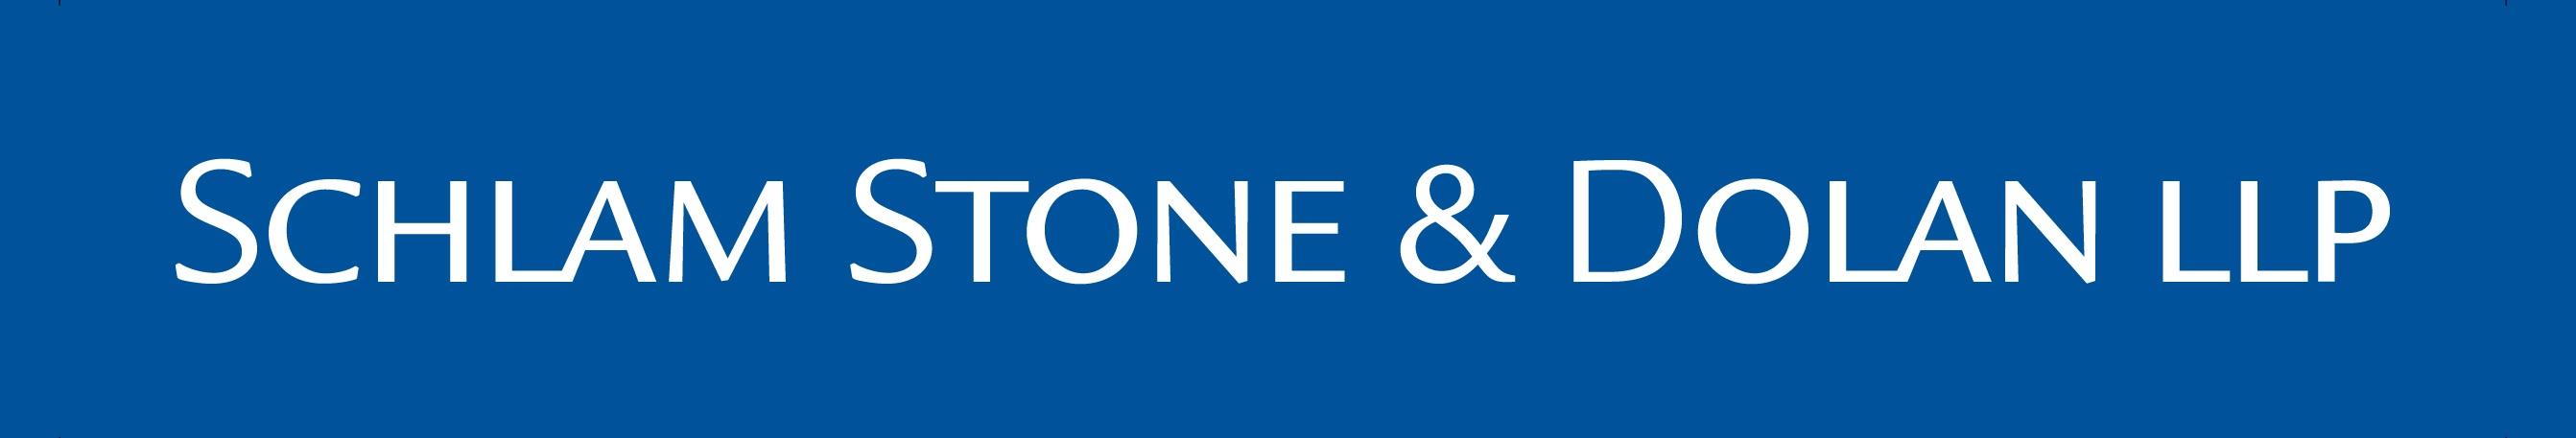 Schlam Stone & Dolan LLP